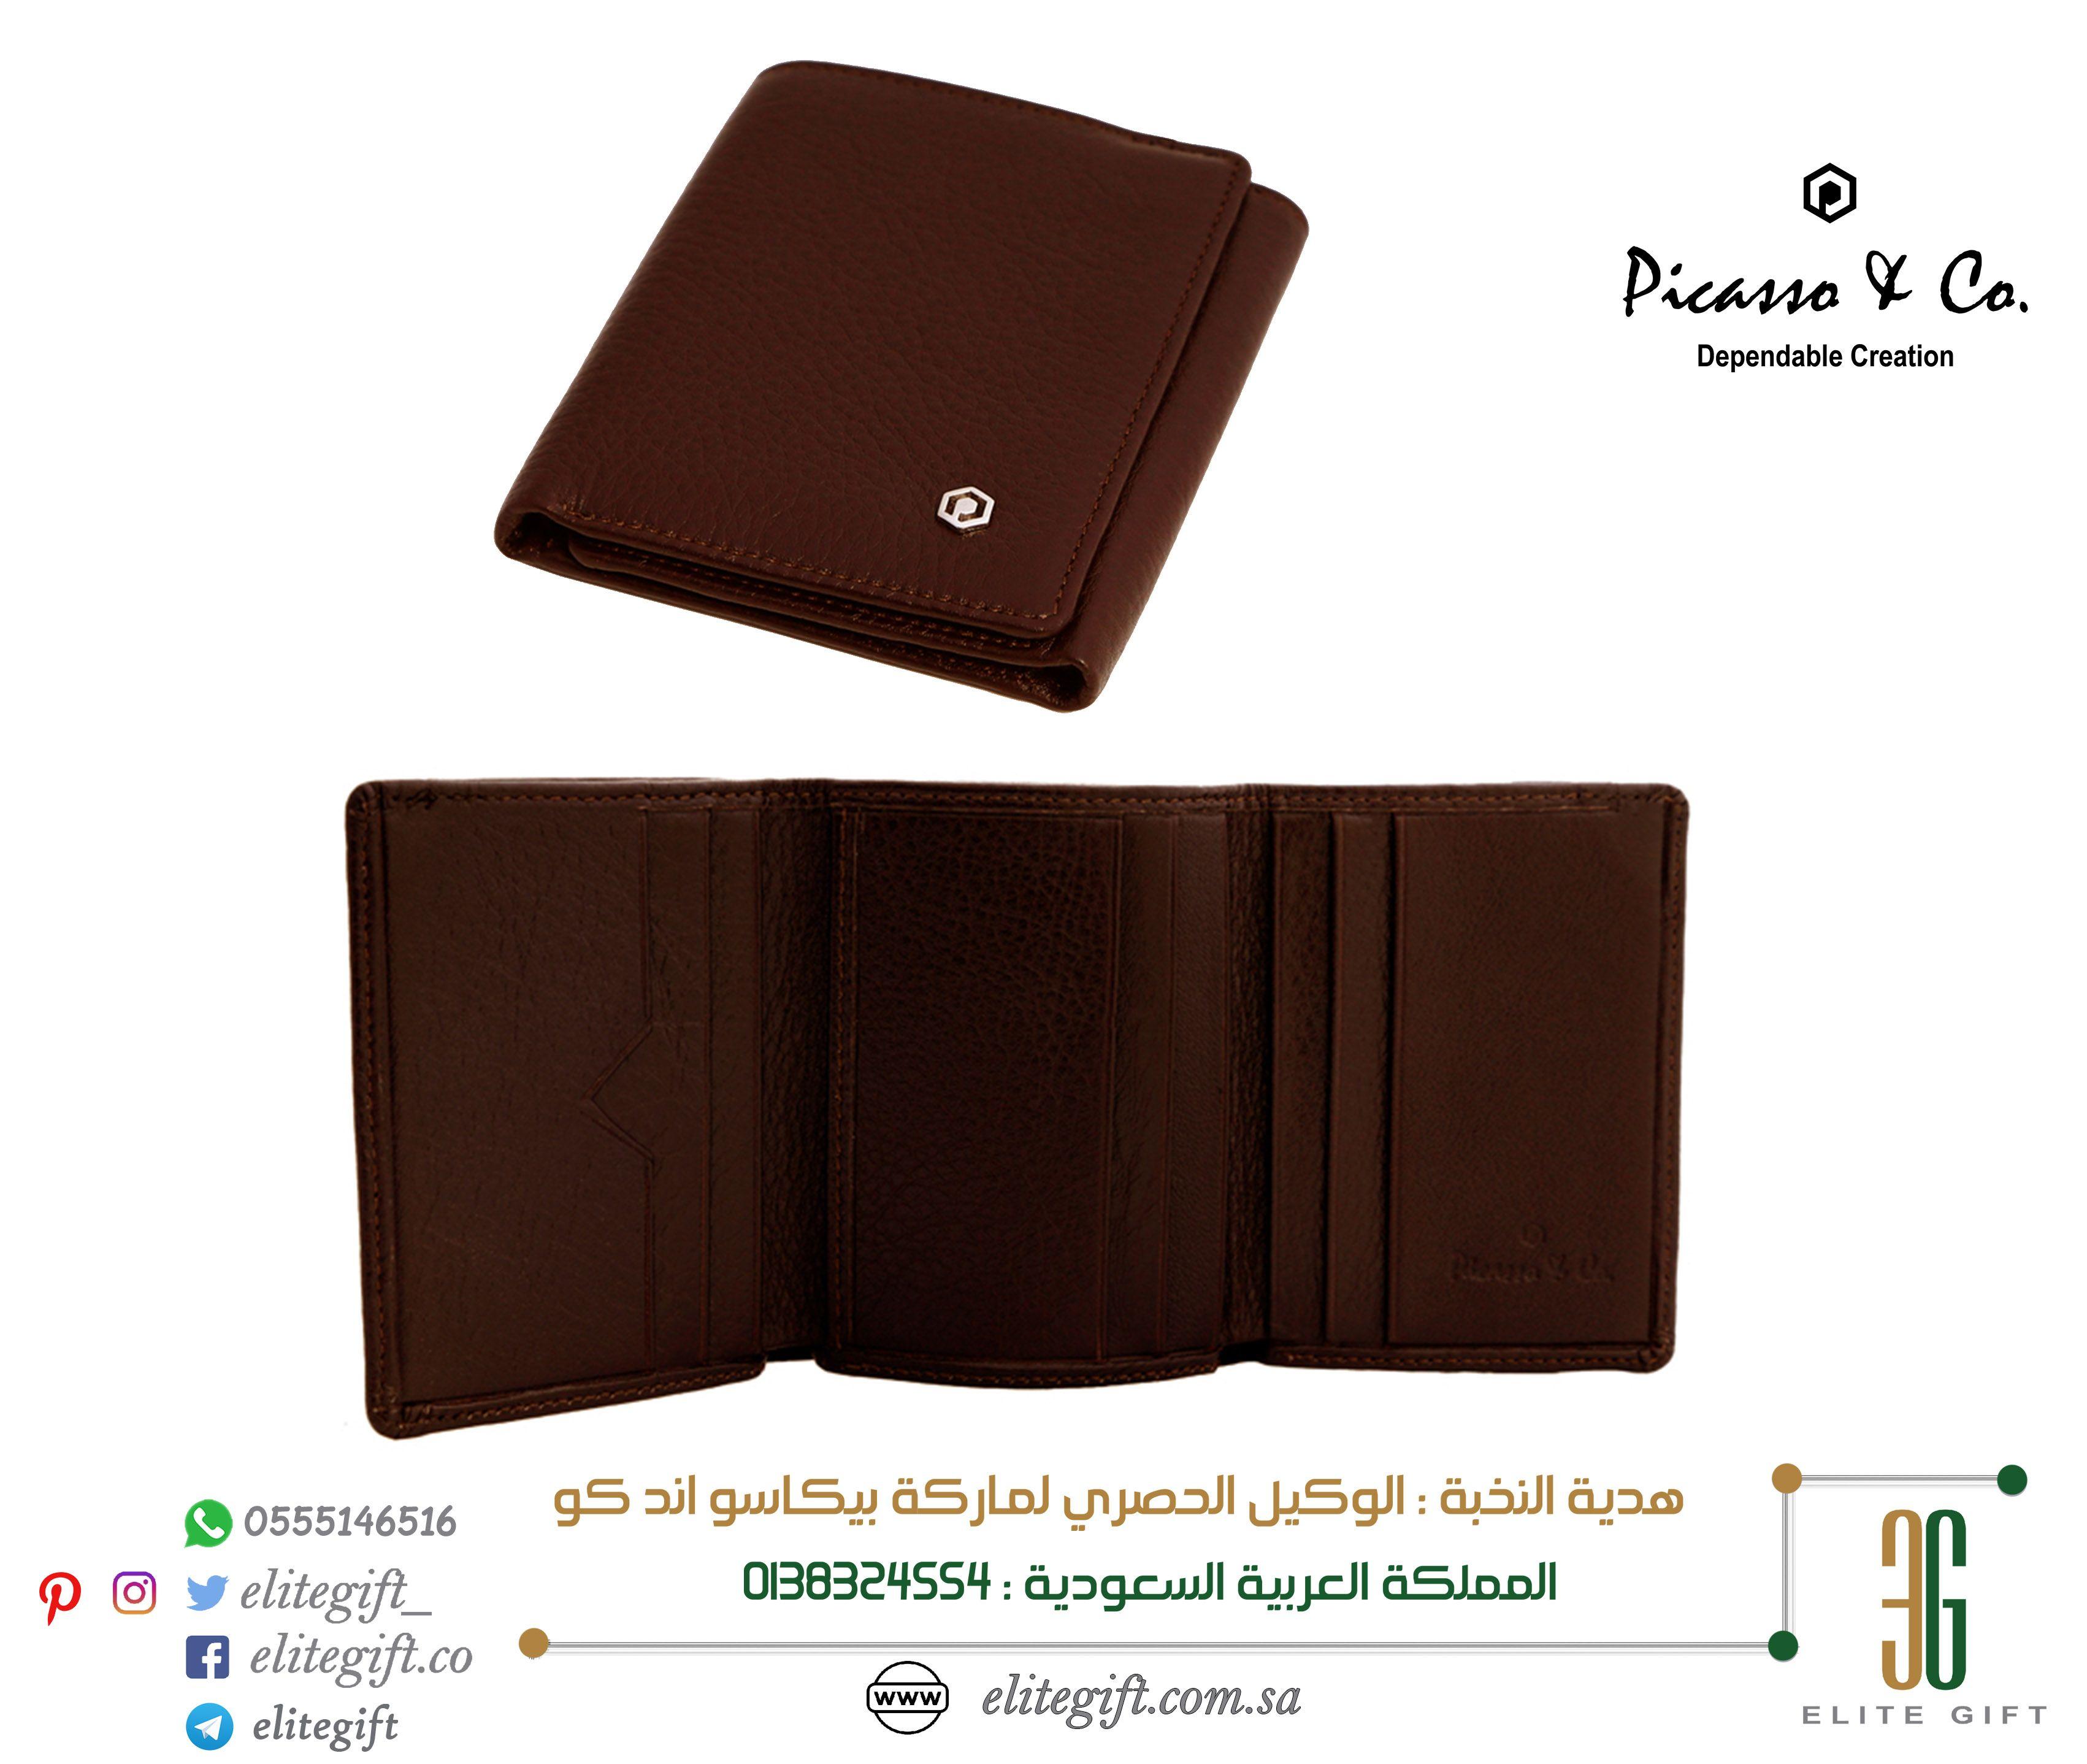 محفظة جلد طبيعي متعددة الجيوب لون بني اماكن متعددة خاصة بالكروت حجم صغير وتصميم مميز من افخم الصناعات الجلدية ماركة بيكاسو اند كو ال Fashion Leather Wallet